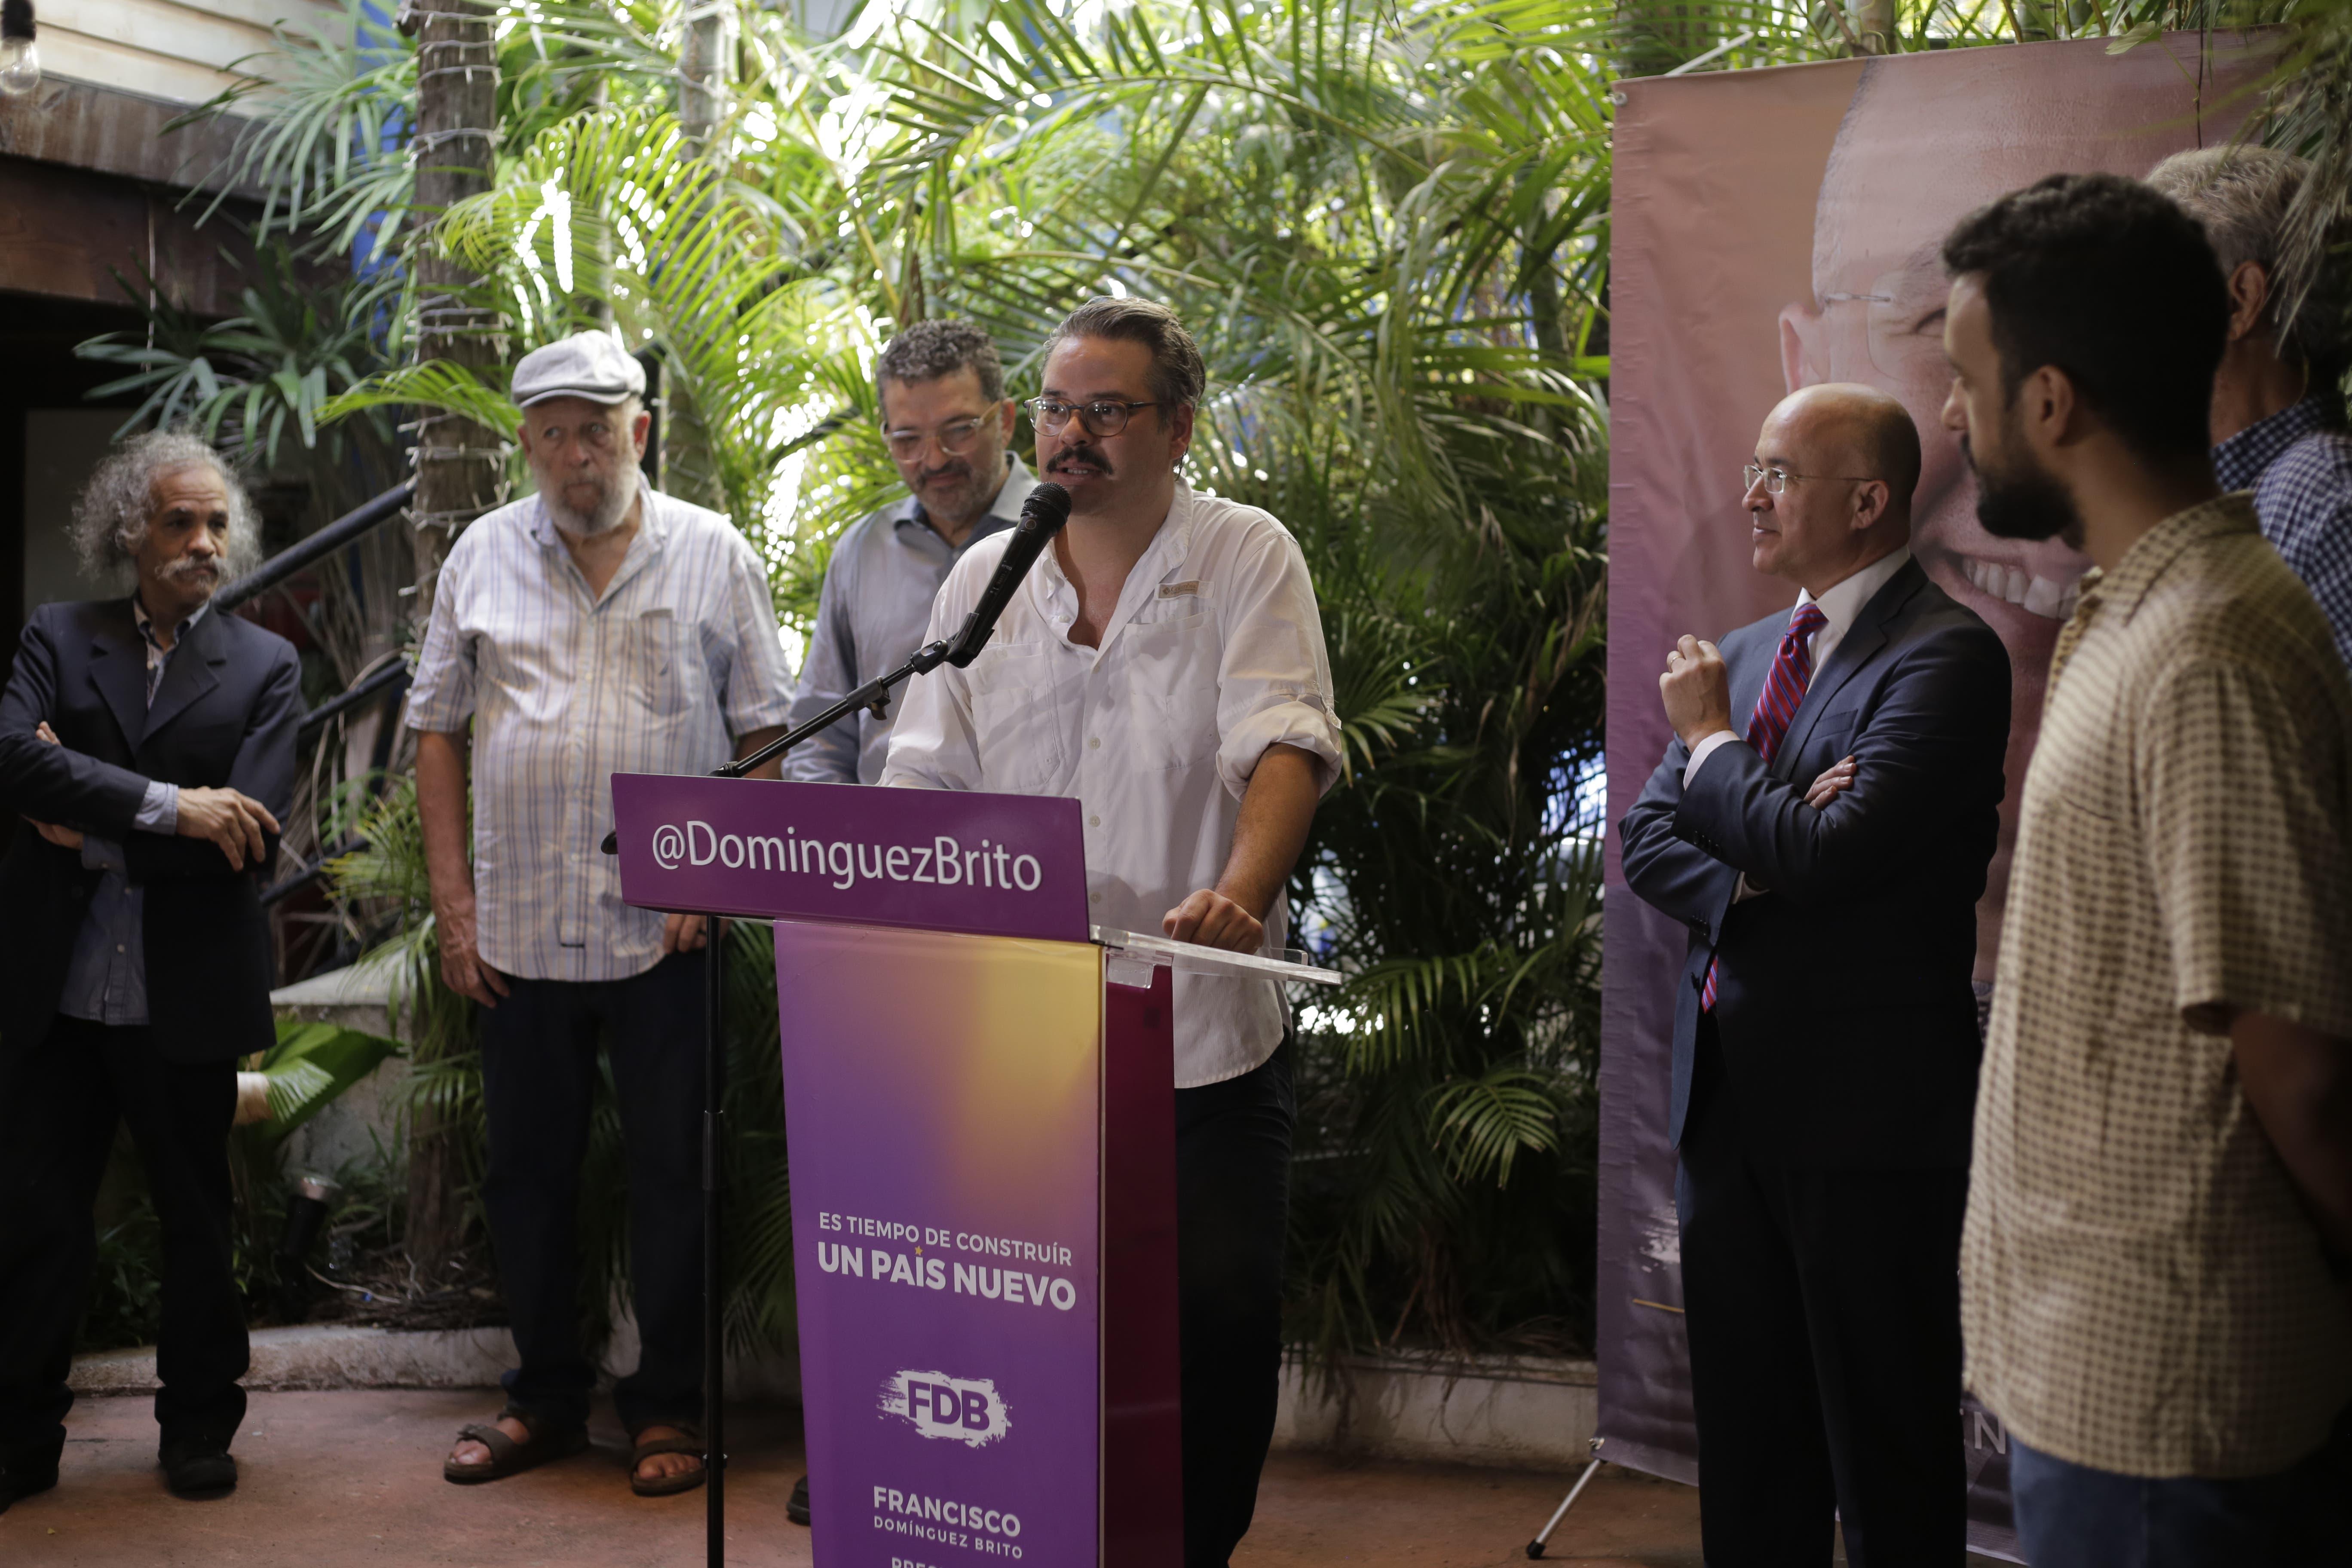 Frank Perozo, Wason Brazoban y Diomary La Mala, entre los que respaldan candidatura  presidencial de Francisco Domínguez Brito